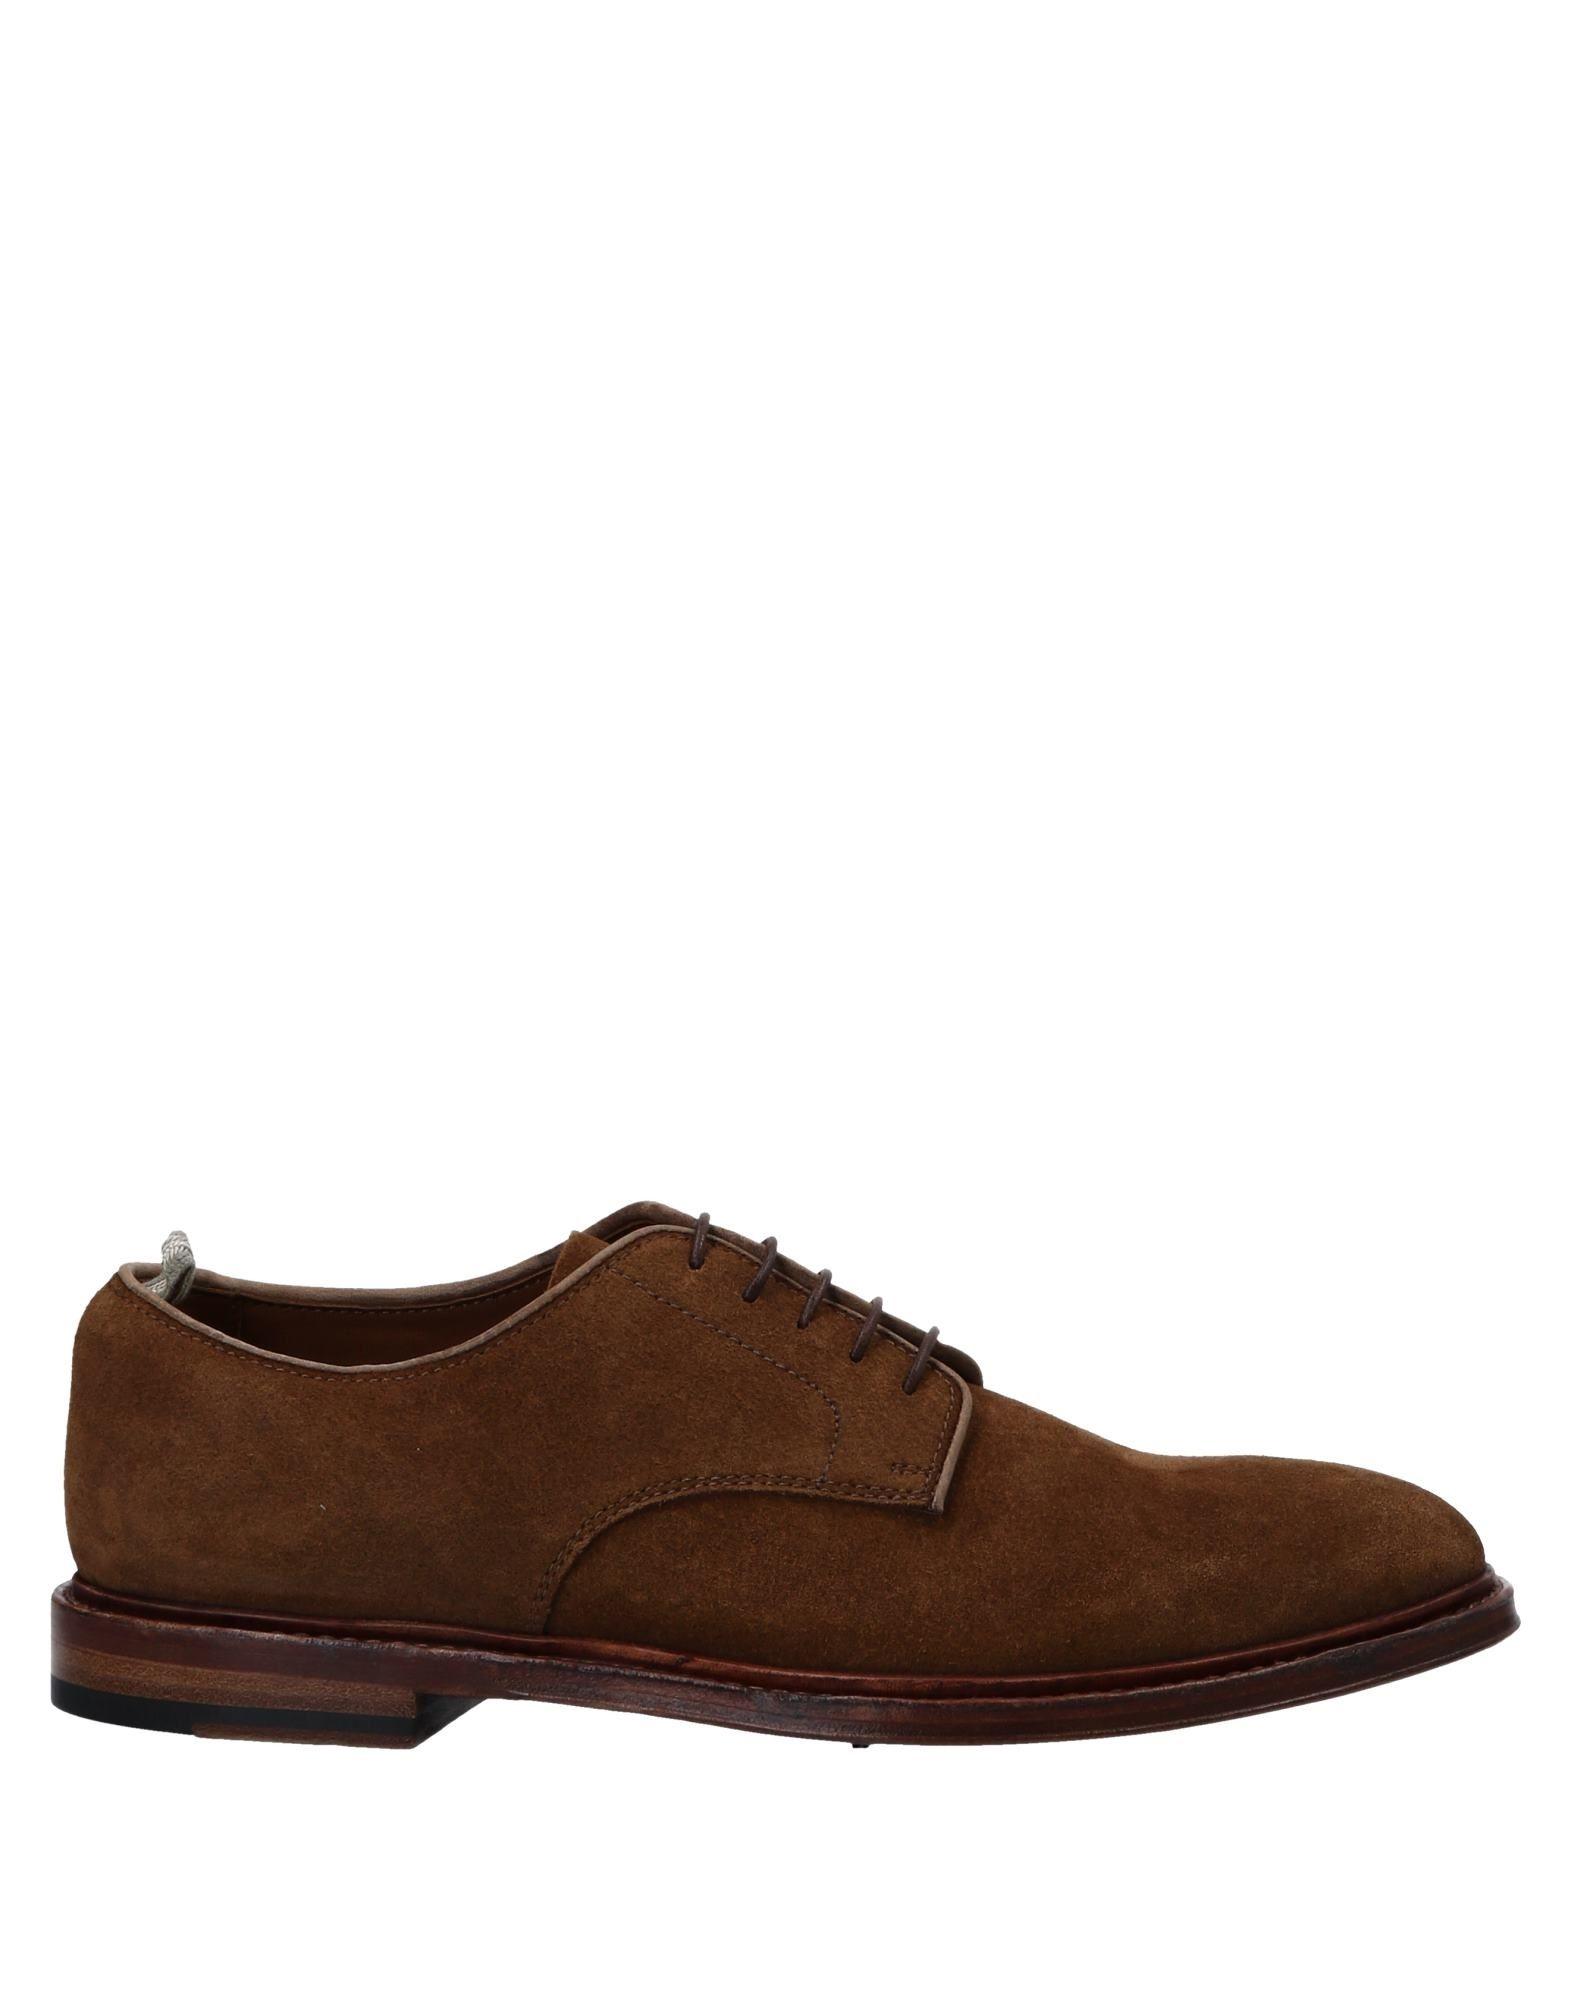 Officine Creative Italia Schnürschuhe Herren  11551311FS Gute Qualität beliebte Schuhe